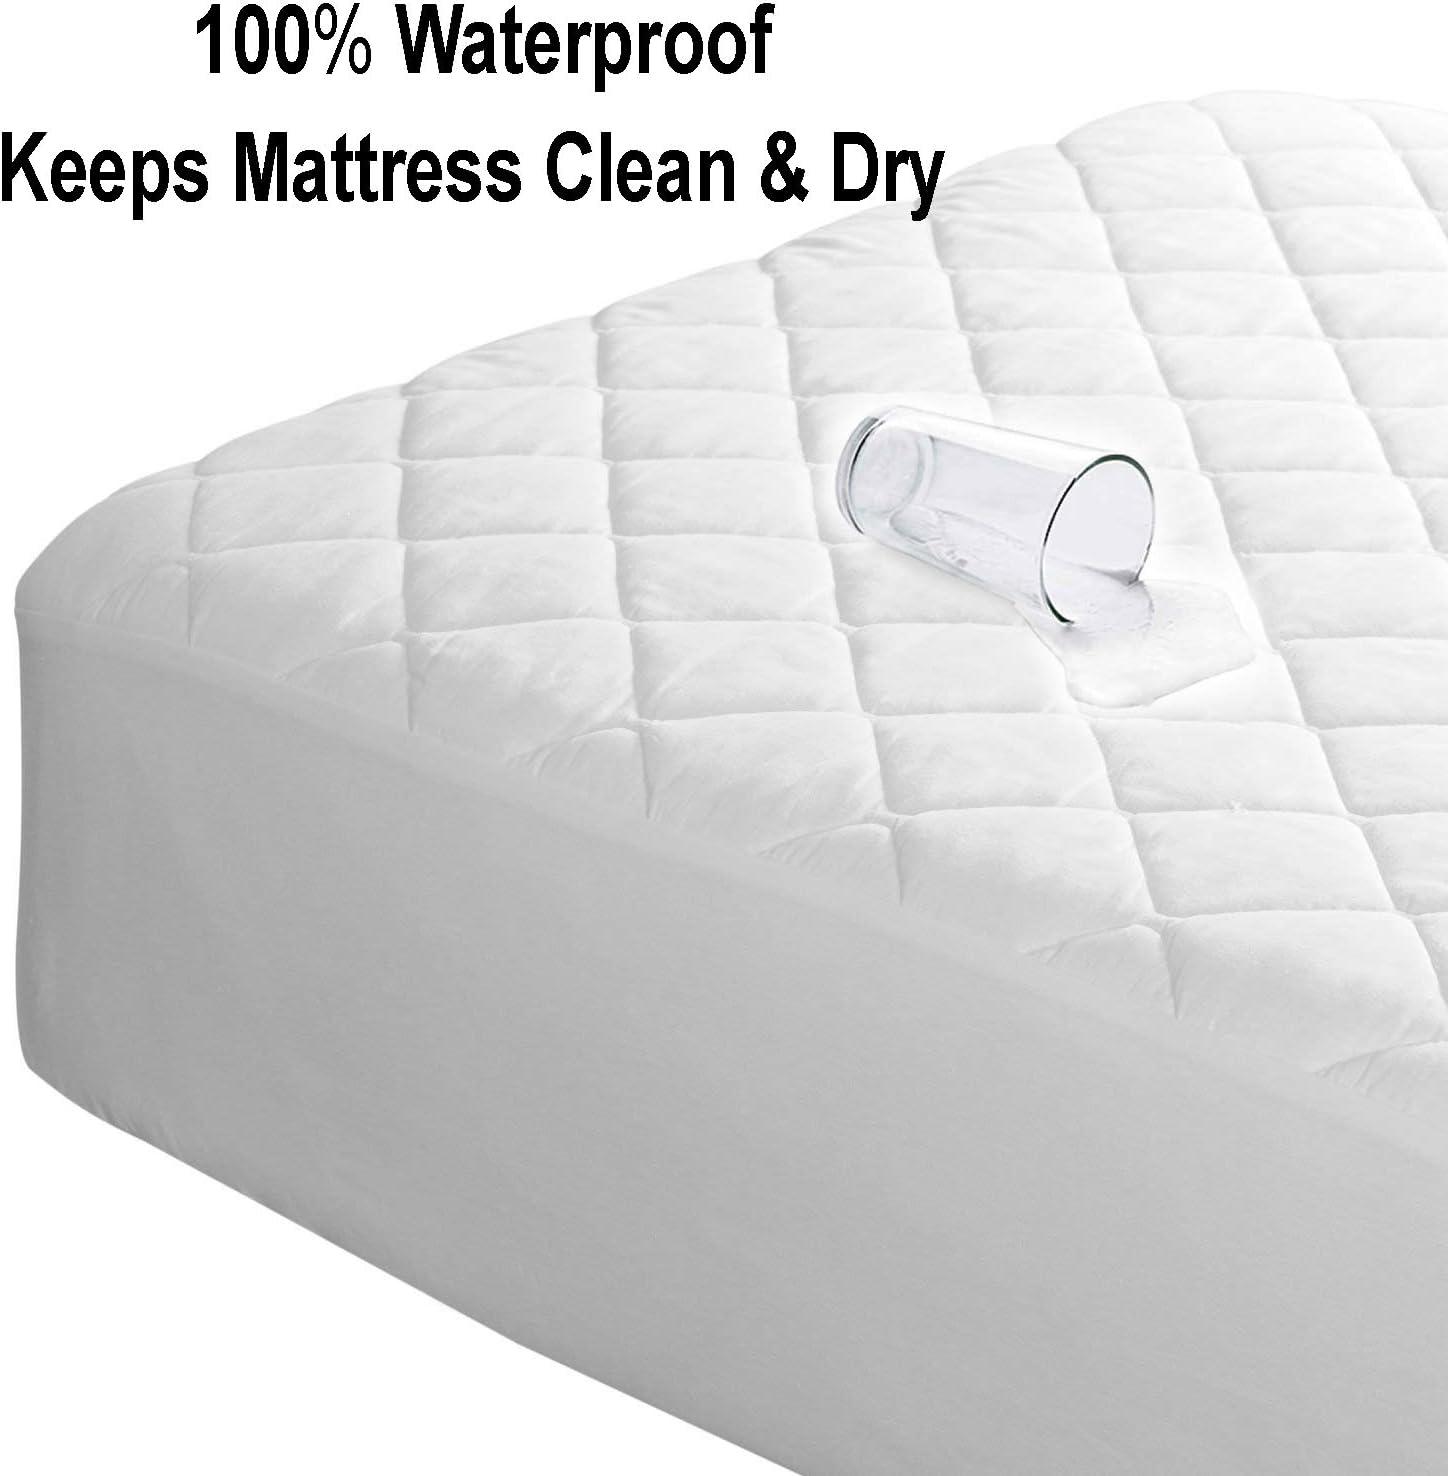 Matteress Protector Waterproof Wipe Down Grade Natural Comfort Pillow Bunk Cot